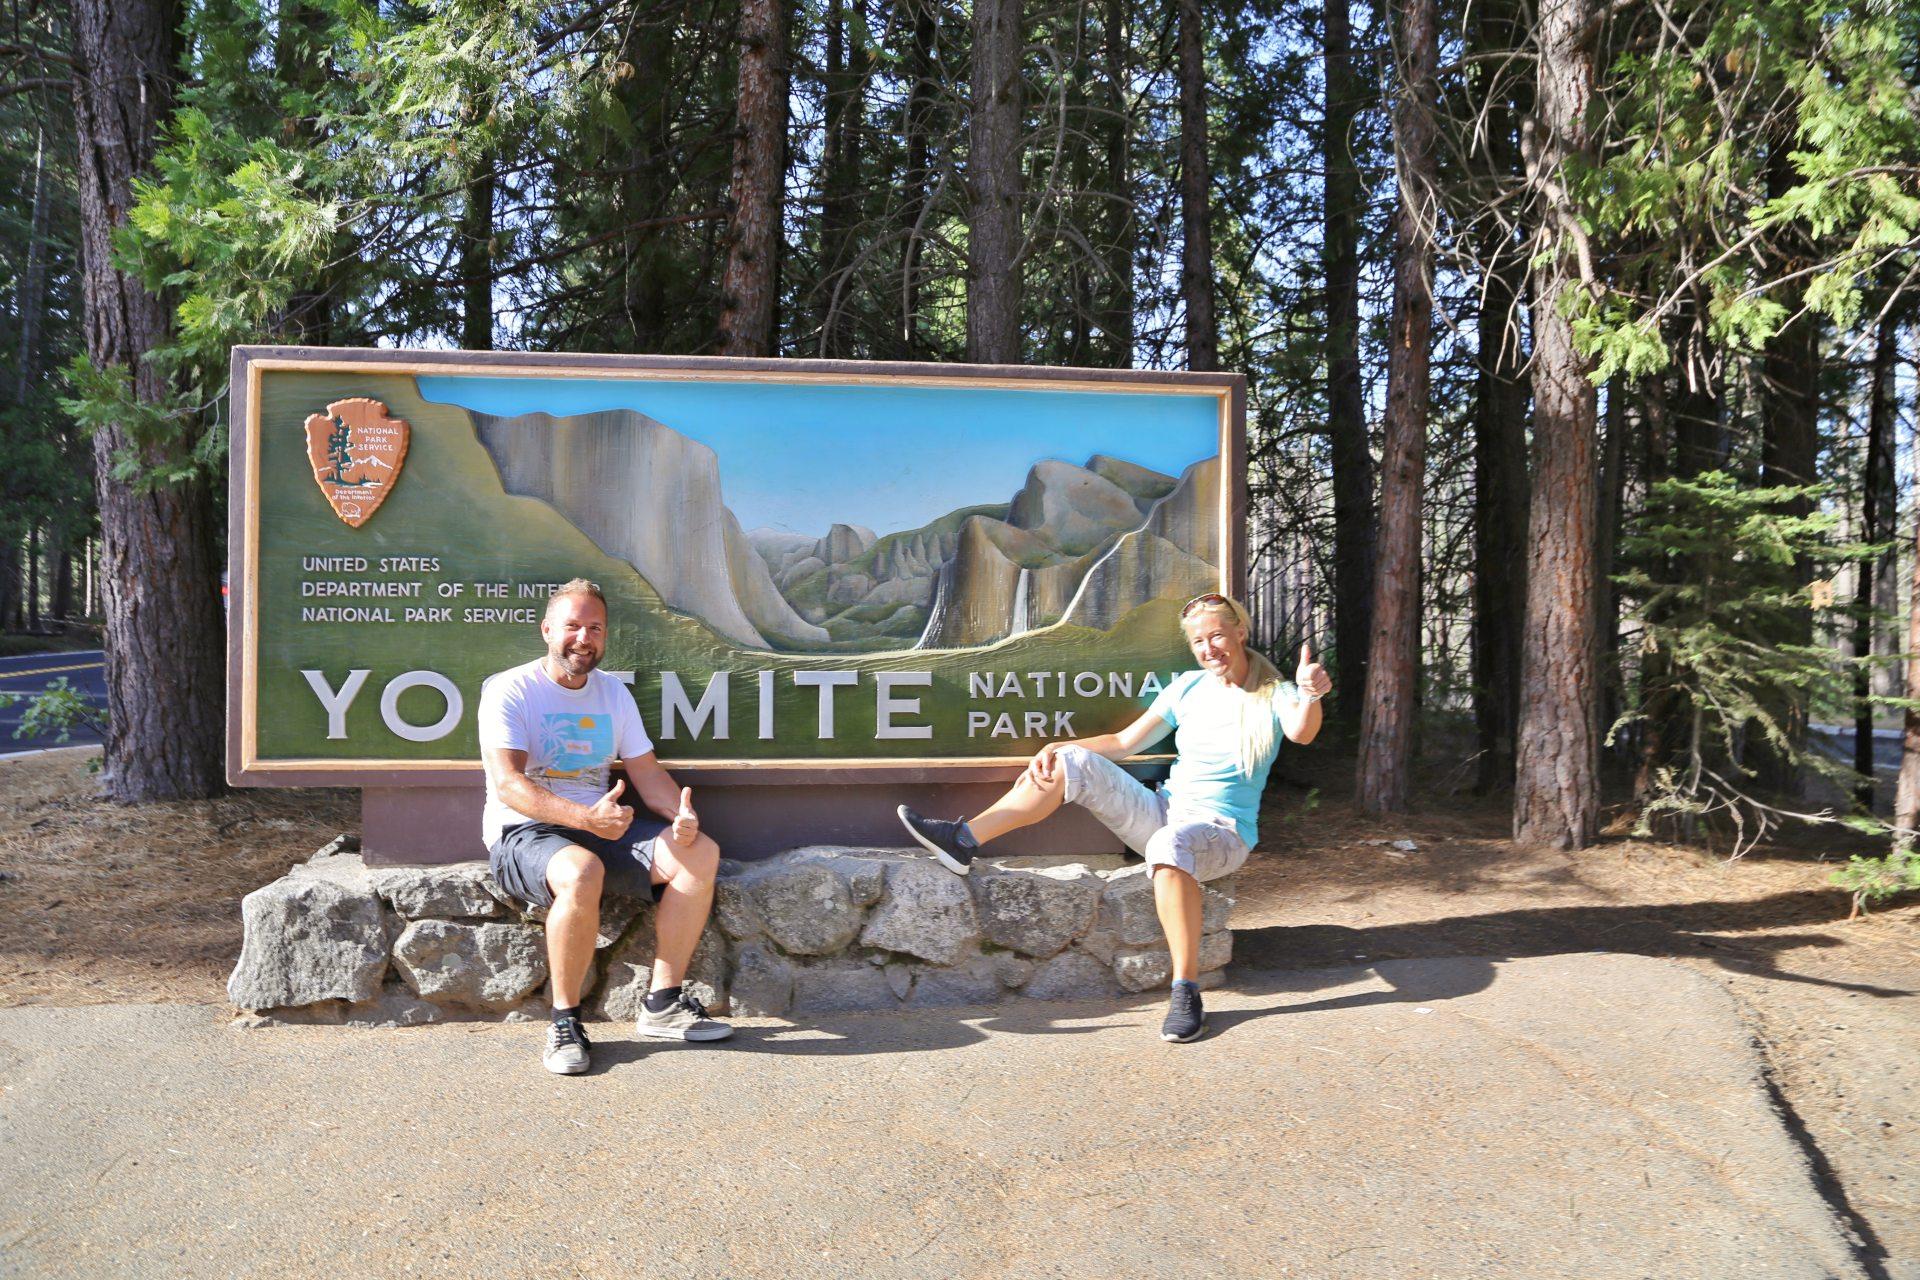 Einfahrtsschild am Westeingang des Yosemite Nationalpark - Baumstämme, Blondine, Einfahrt, Einfahrtsschild, Kalifornien, Personen, Portrait, Porträt, Schild, Welcome-Schild, Yosemite National Park - HOFBAUER-HOFMANN Sofia, WEISSINGER Andreas - (Sequoia, Groveland, California, Vereinigte Staaten)